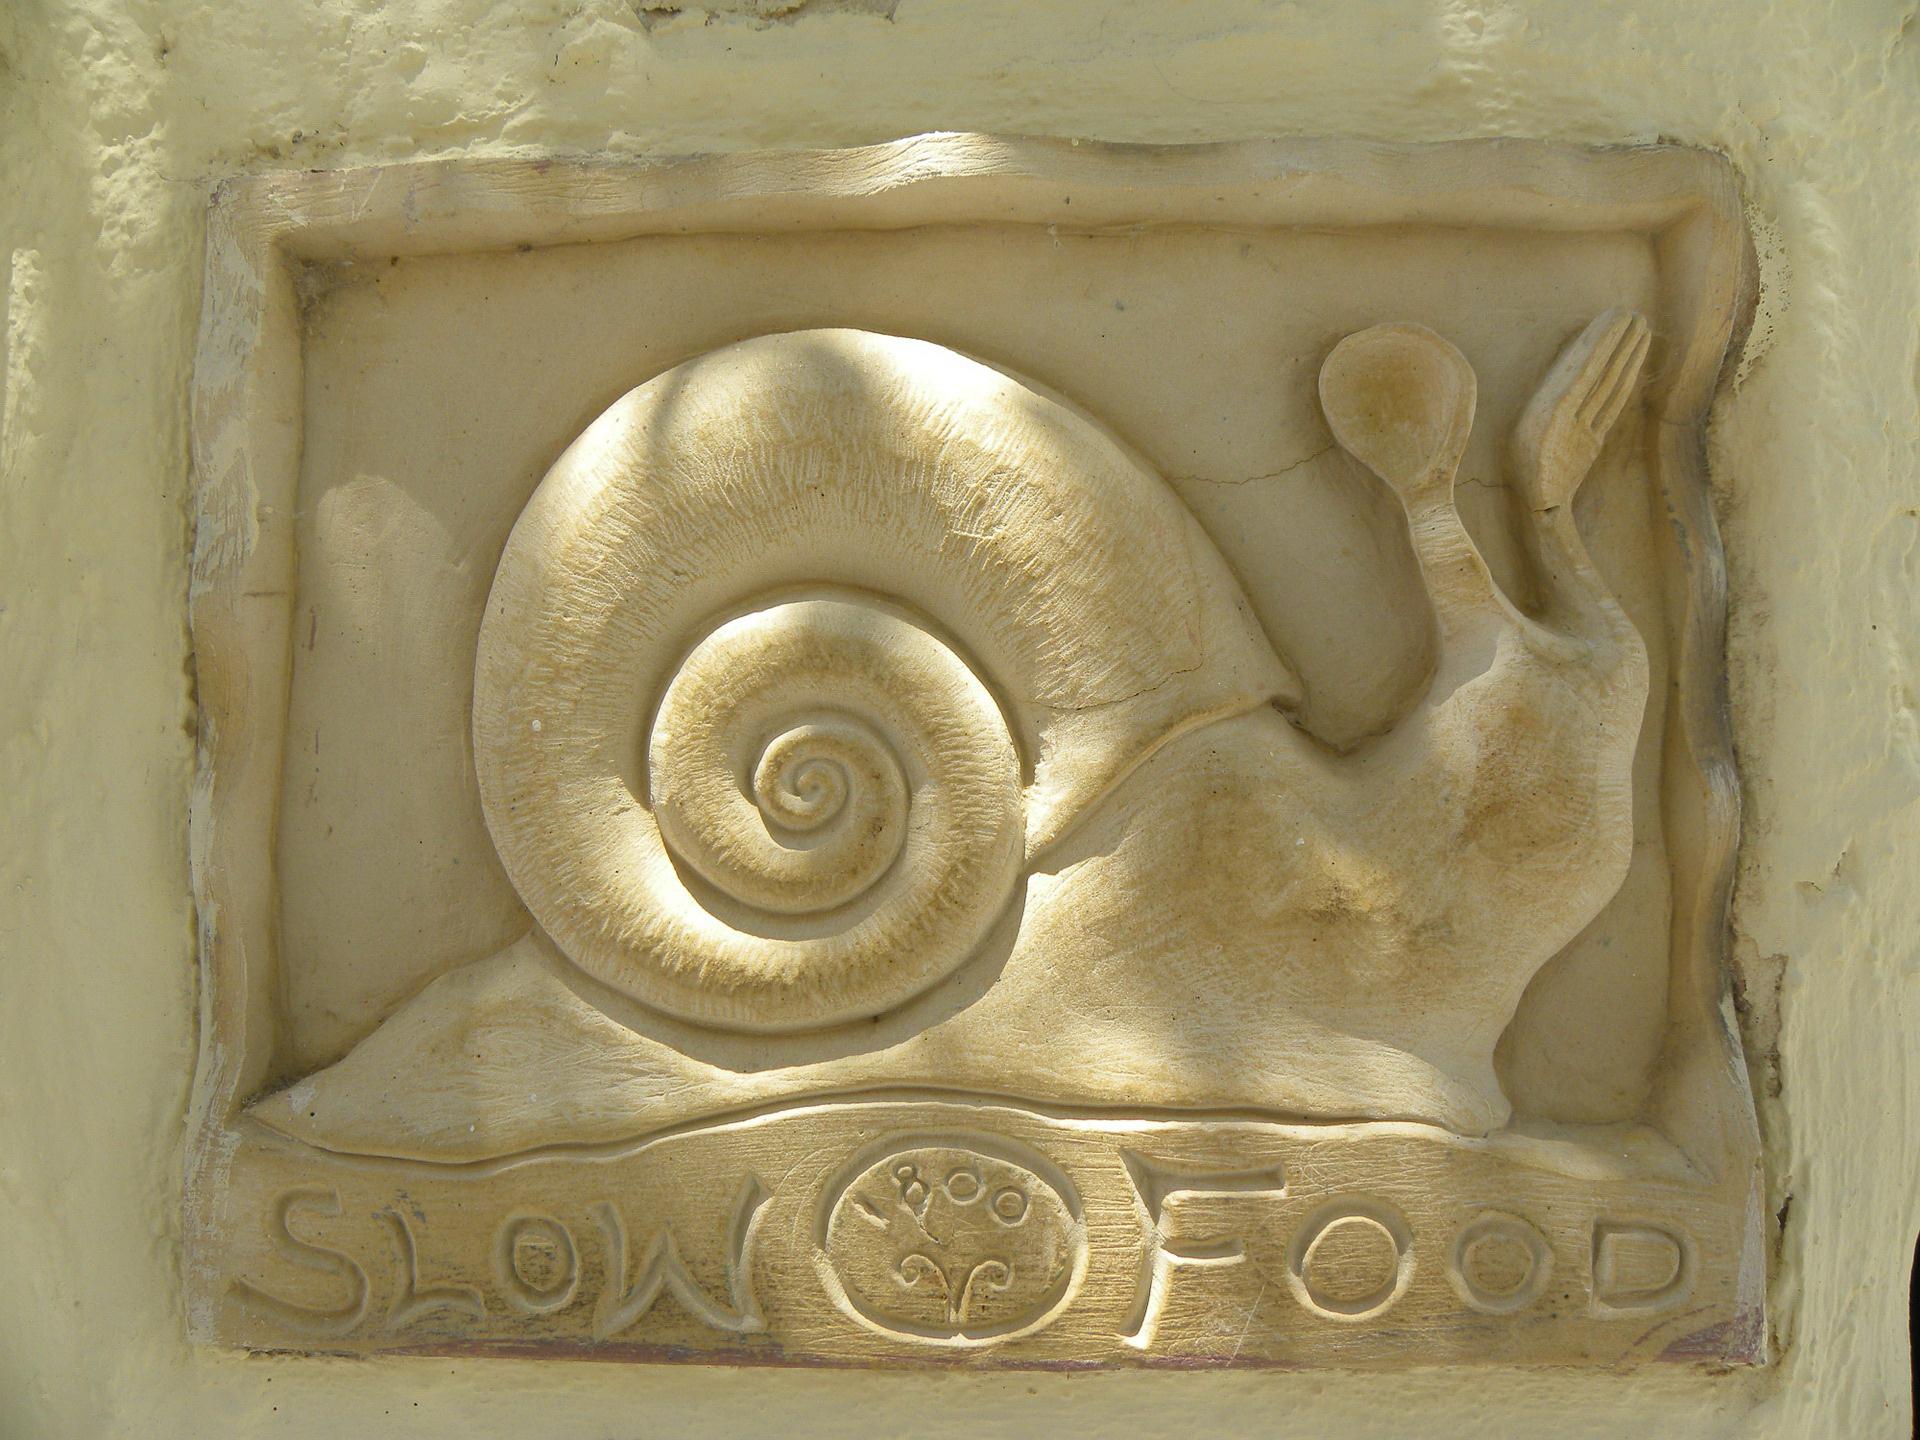 Śmieszna zagadka o jedzeniu ślimaków, zagadki dla dzieci z odpowiedziami